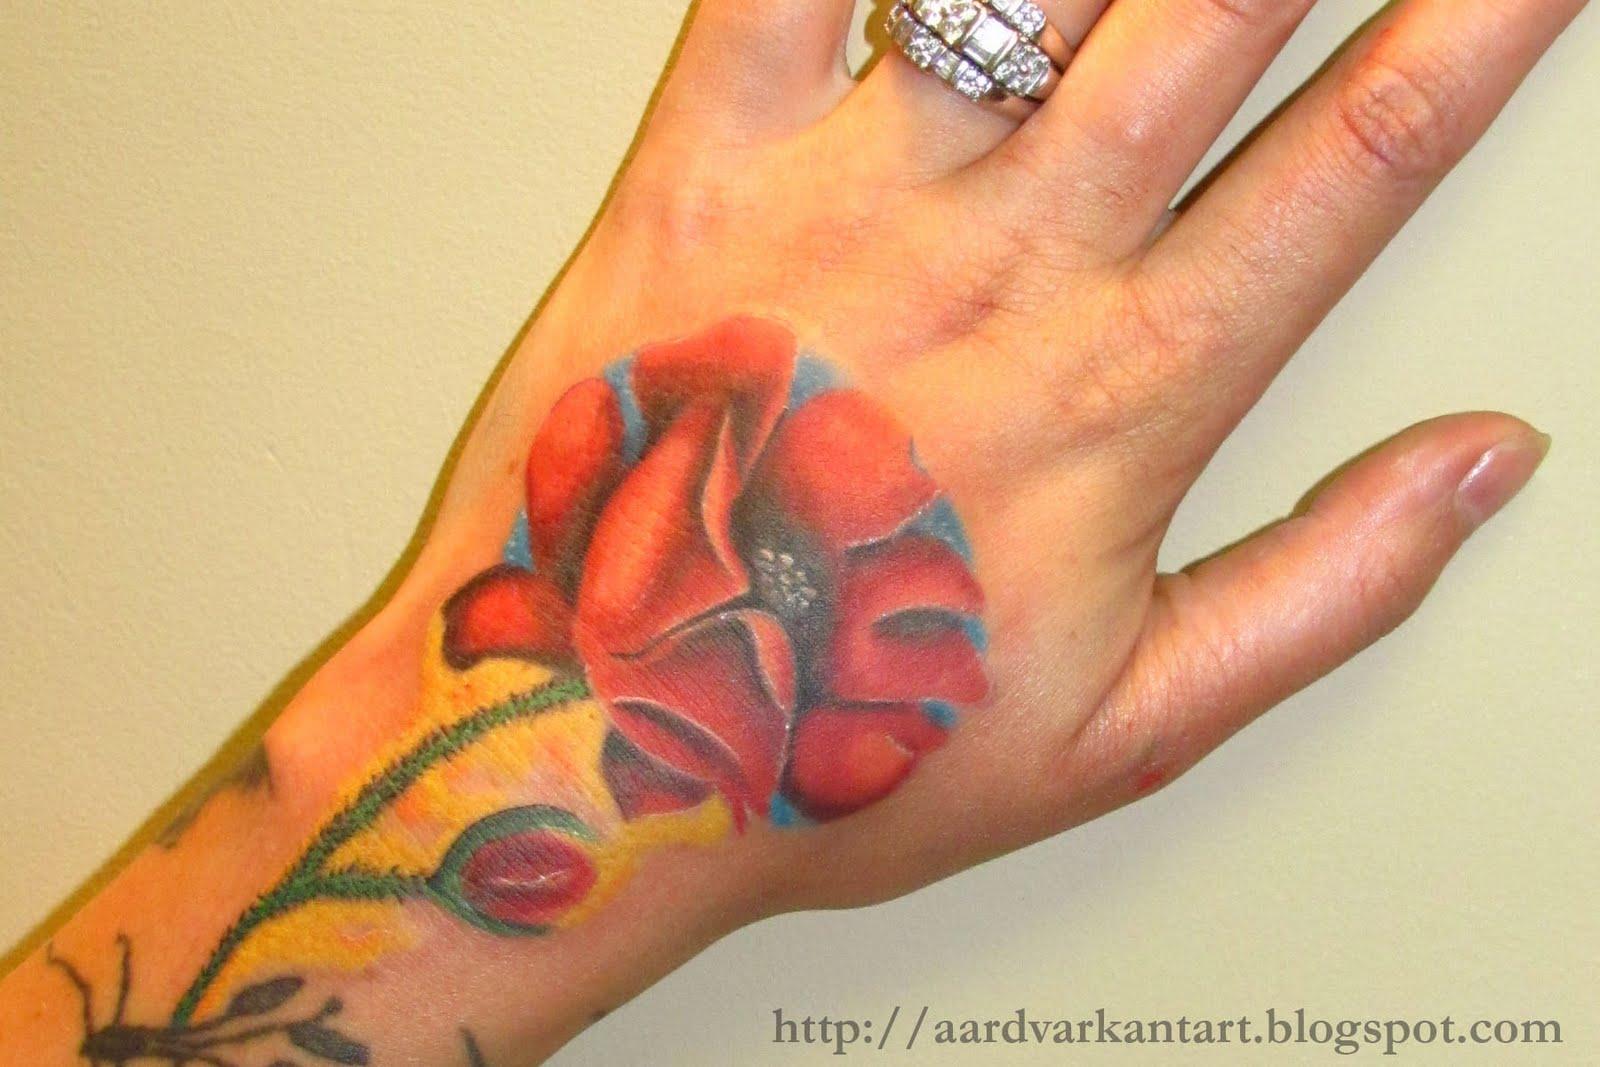 http://3.bp.blogspot.com/-NwmkagHapE0/TlpuTTxq70I/AAAAAAAAAfo/gdOW3SPcd5A/s1600/poppy+hand+tattoo.jpg